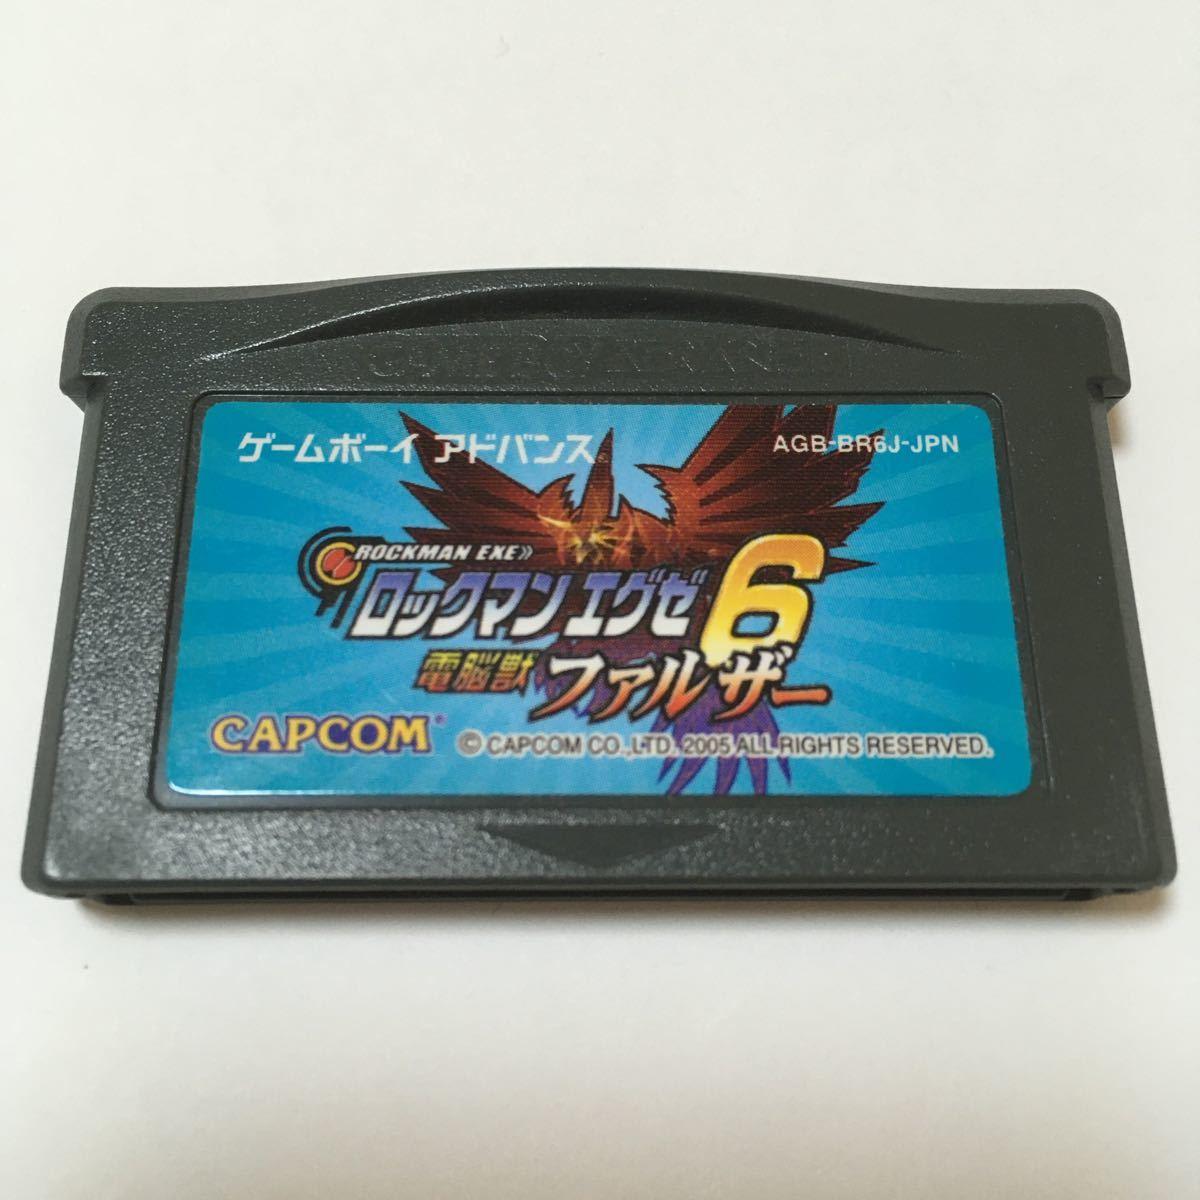 ゲームボーイアドバンス ソフト ロックマンエグゼ6 電脳獣 ファルザー 動作確認済み ロックマン ゲーム カセット